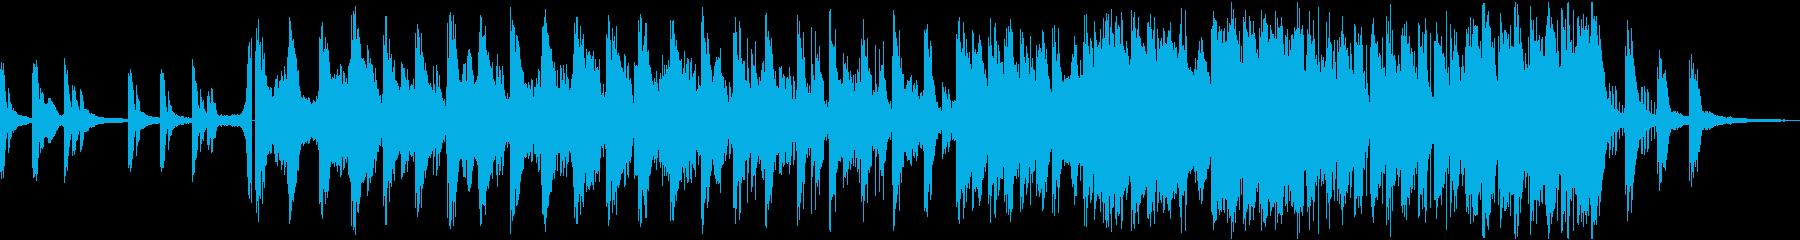 孤独感のある曲の再生済みの波形